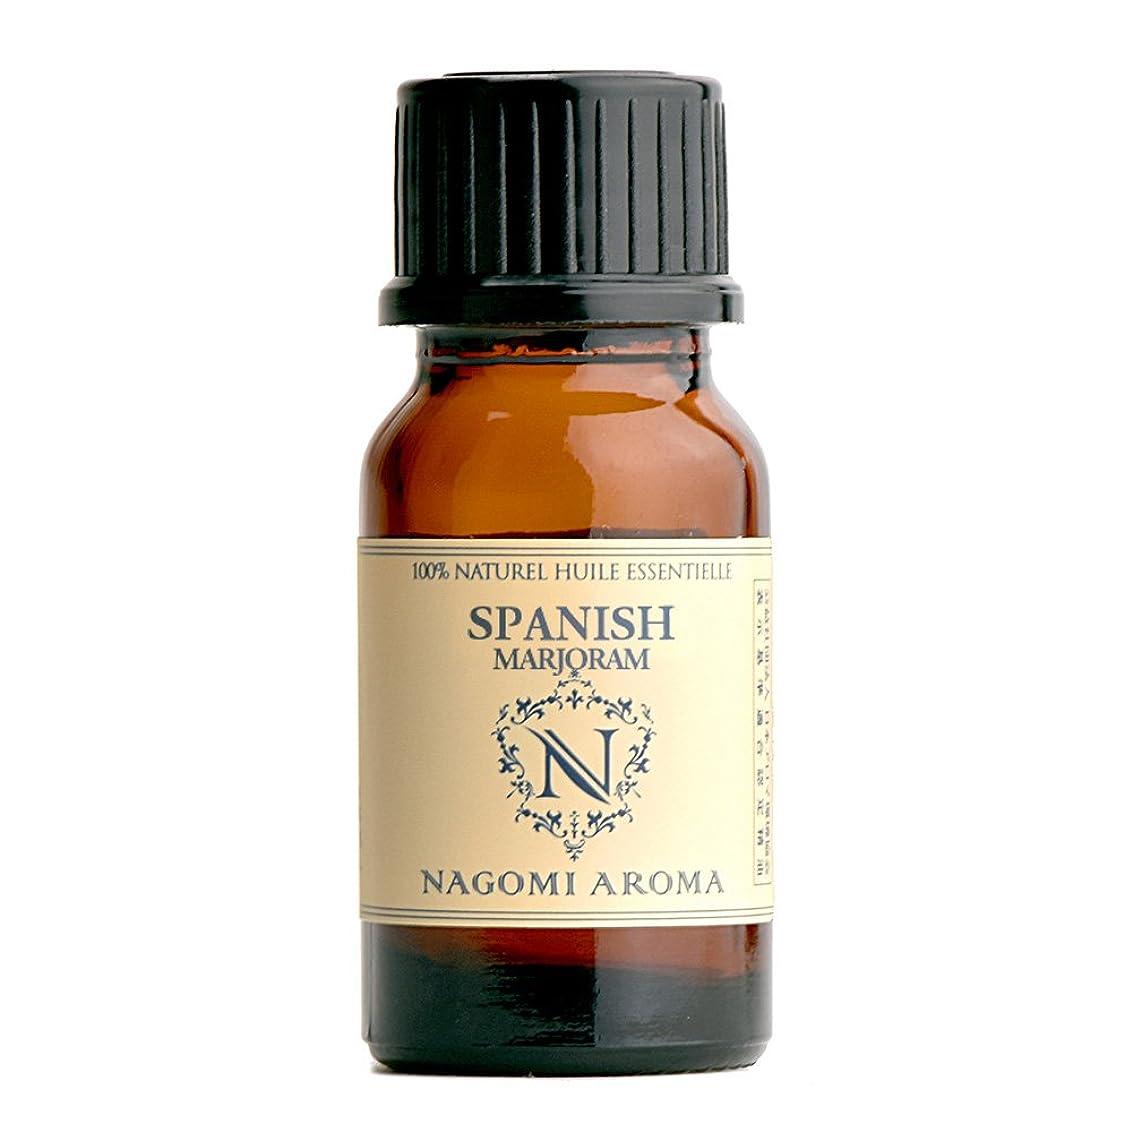 スイング禁止する熱心なNAGOMI AROMA スパニッシュマジョラム 10ml 【AEAJ認定精油】【アロマオイル】